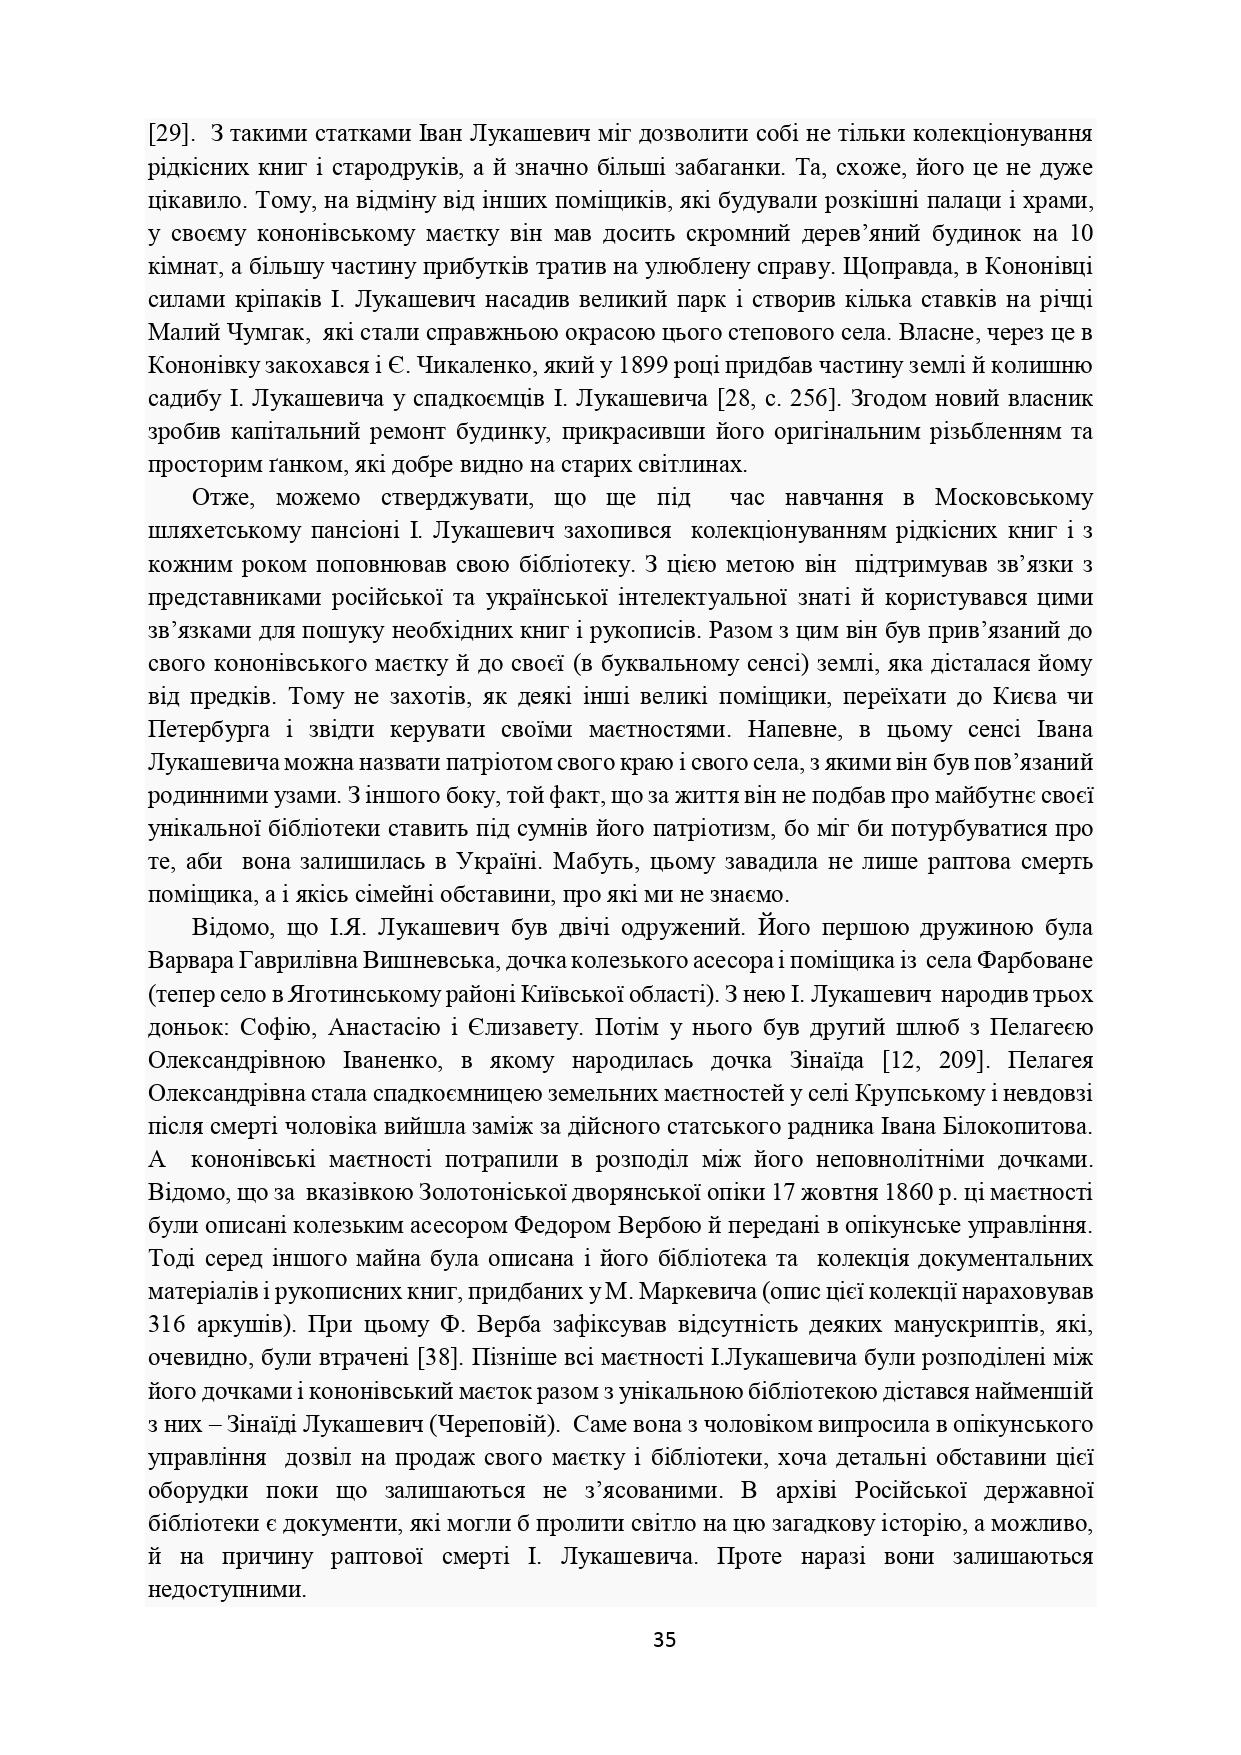 ІСТОРІЯ СЕЛА КОНОНІВКА 2021 (1)_page-0035